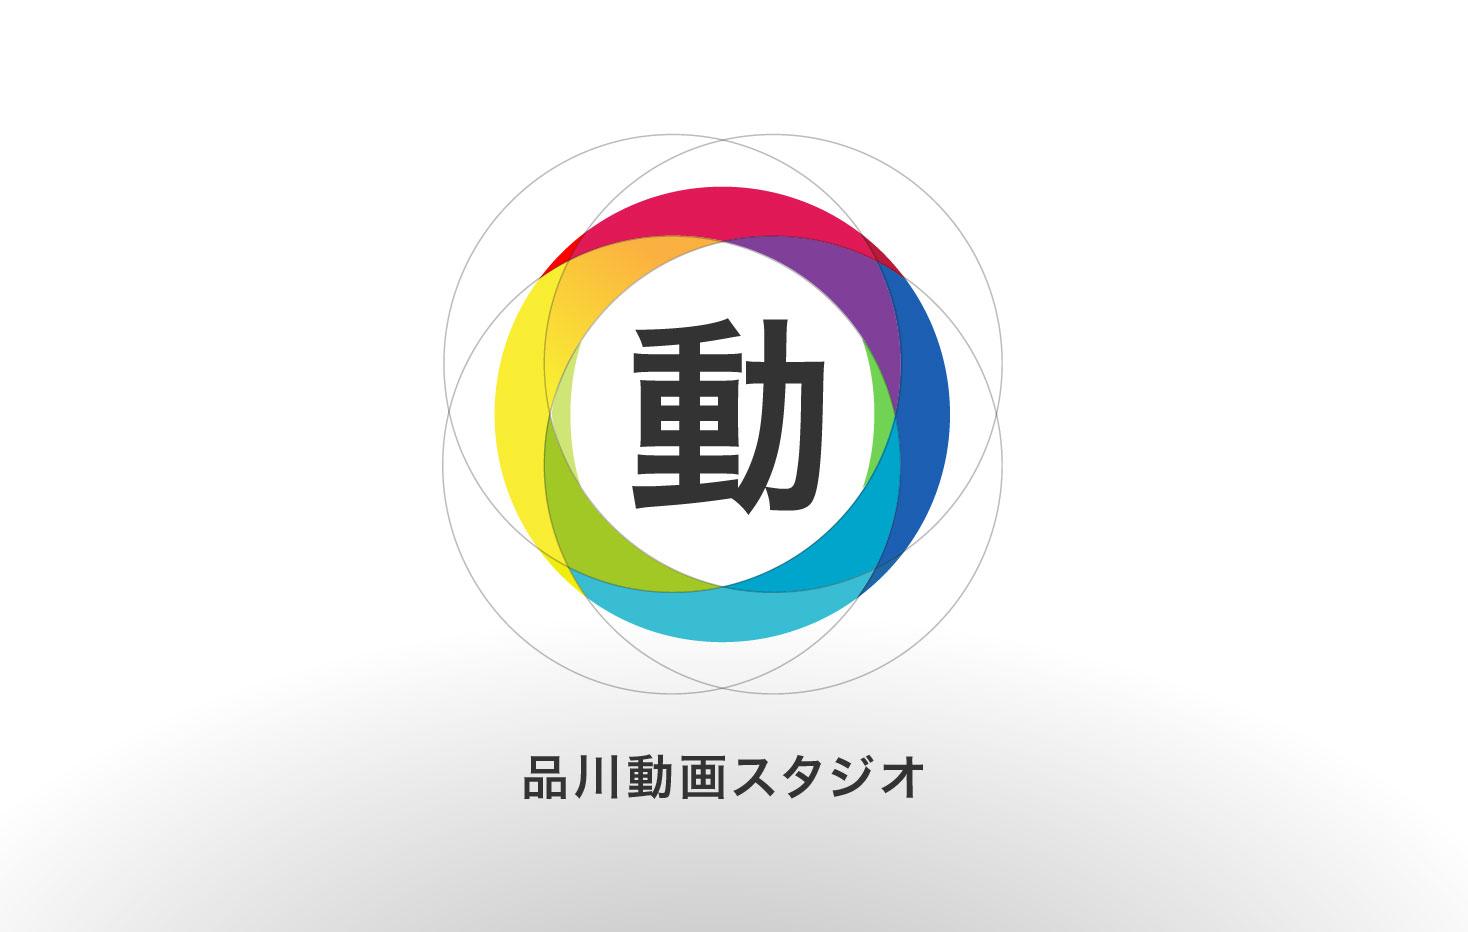 品川動画スタジオ